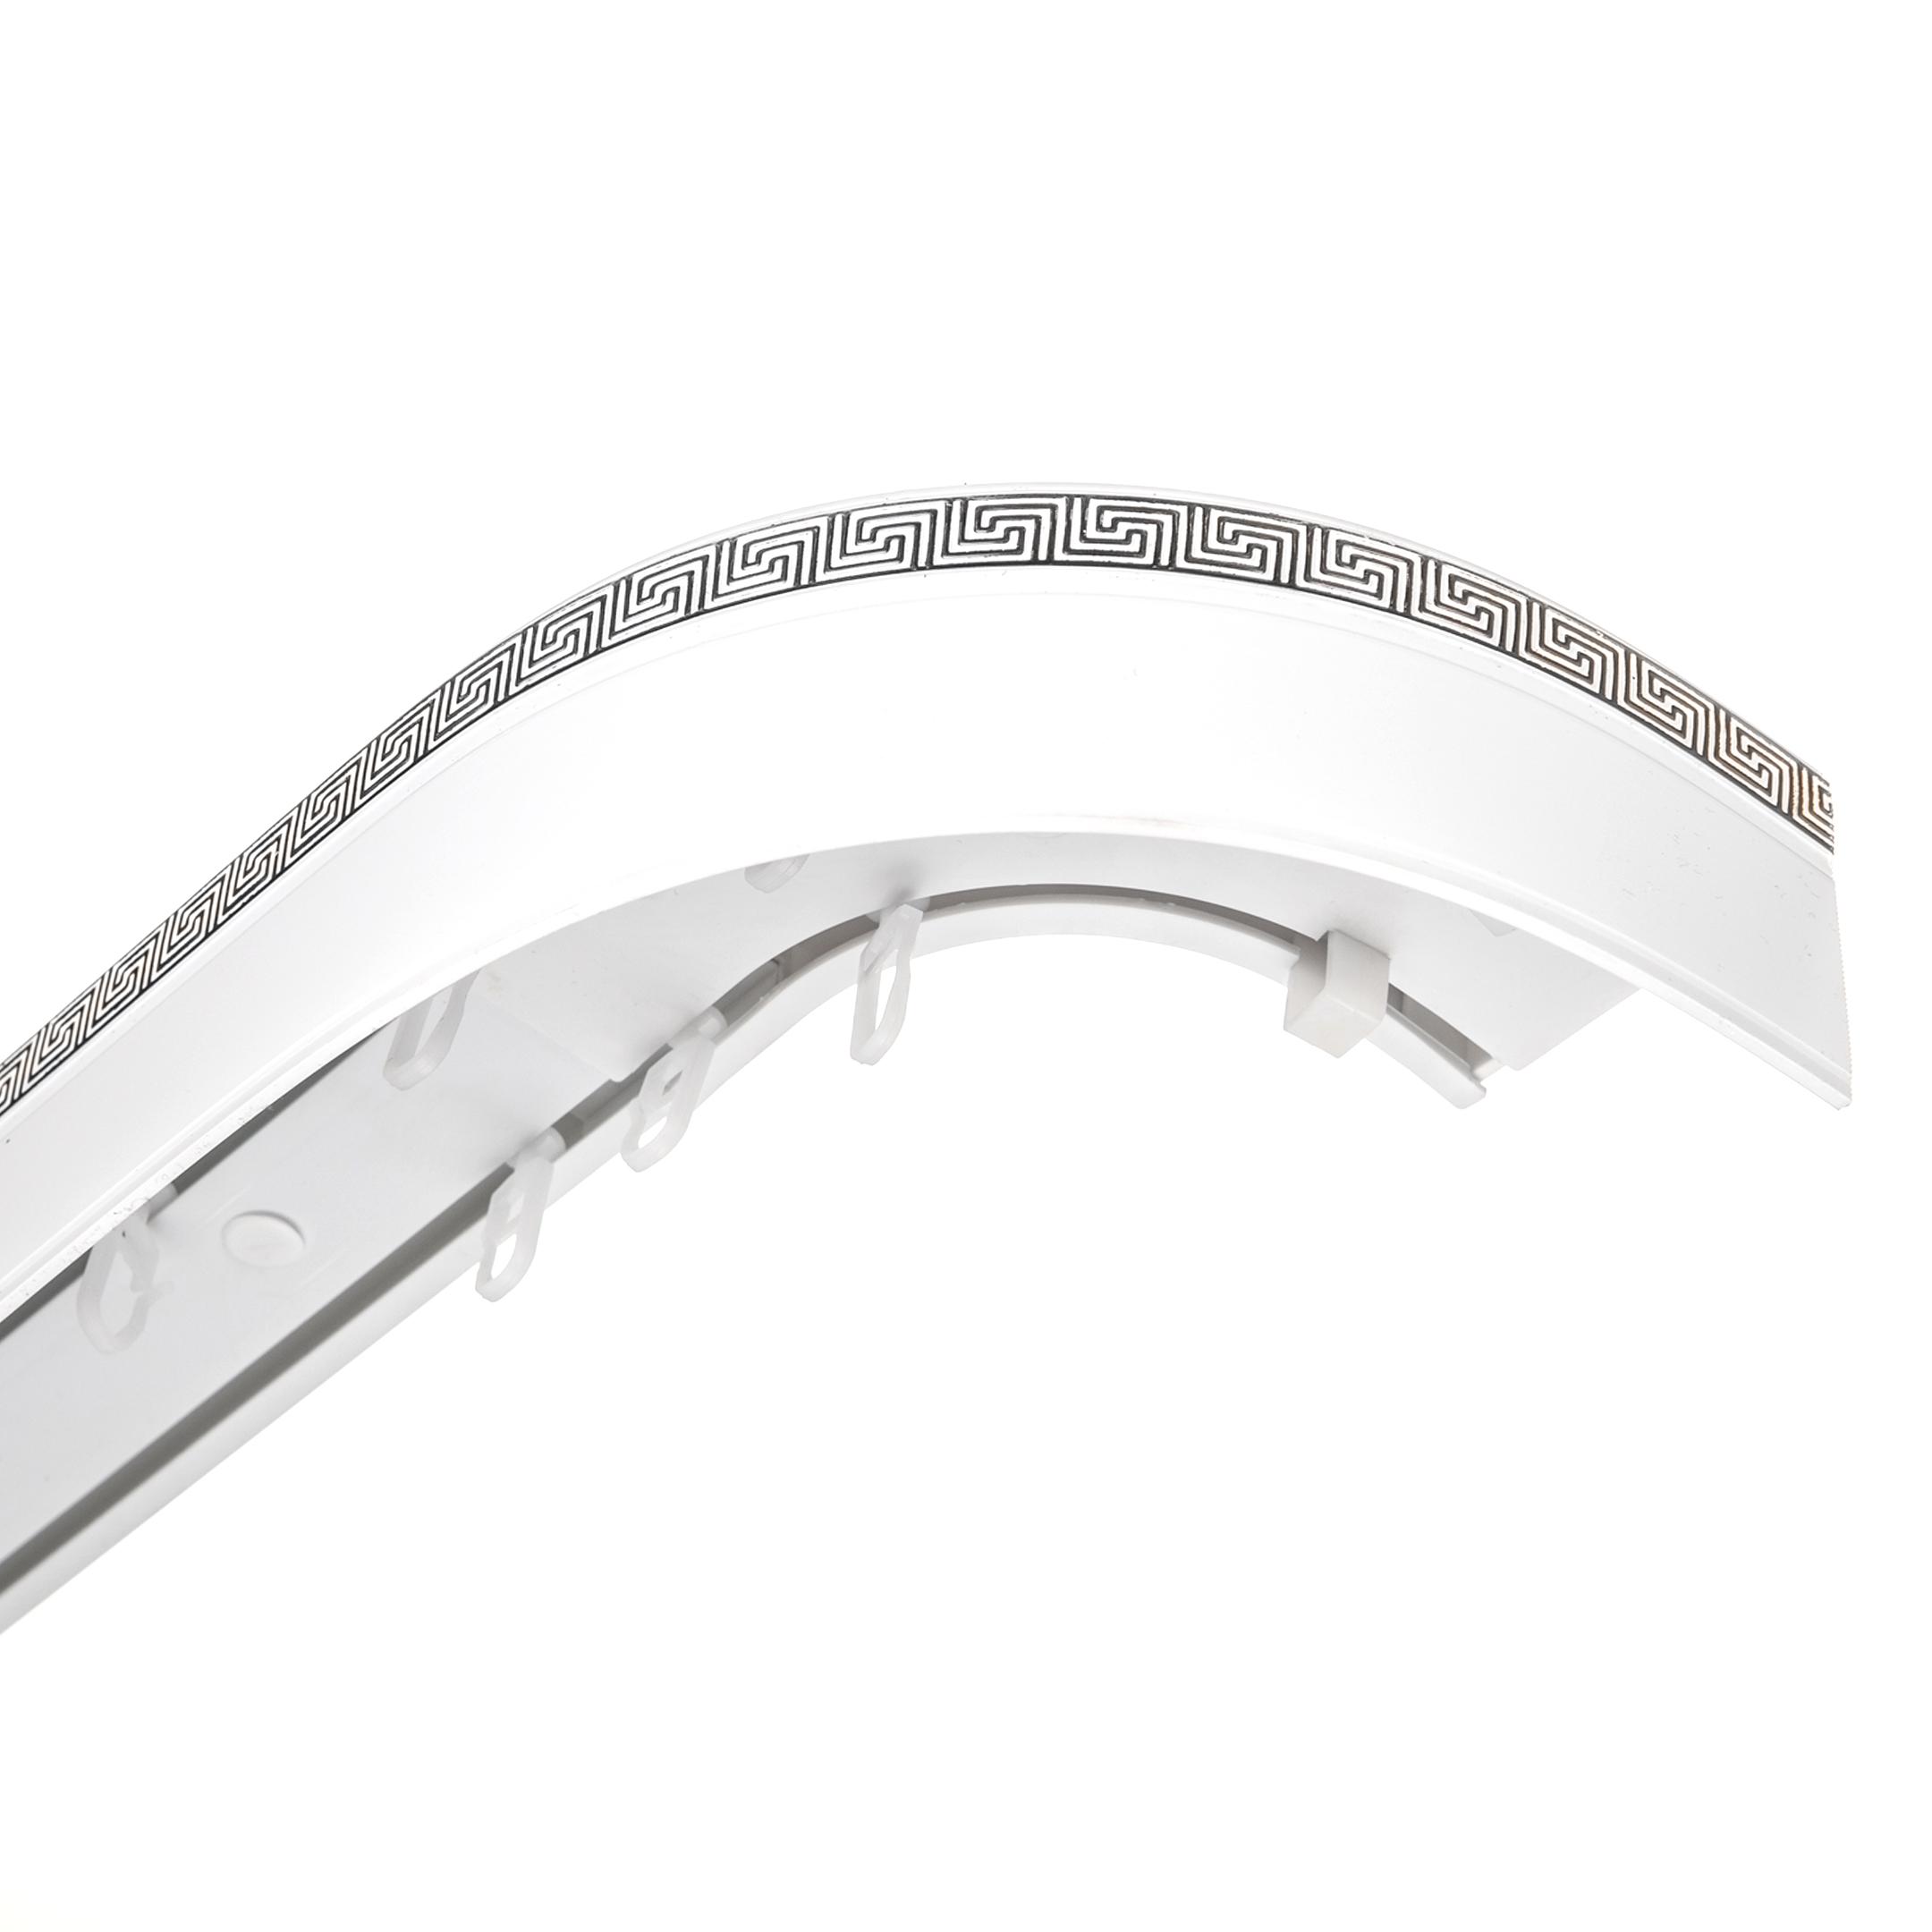 Карниз потолочный пластмассовый двухрядный с блендой 280 см ариадна белый/хром